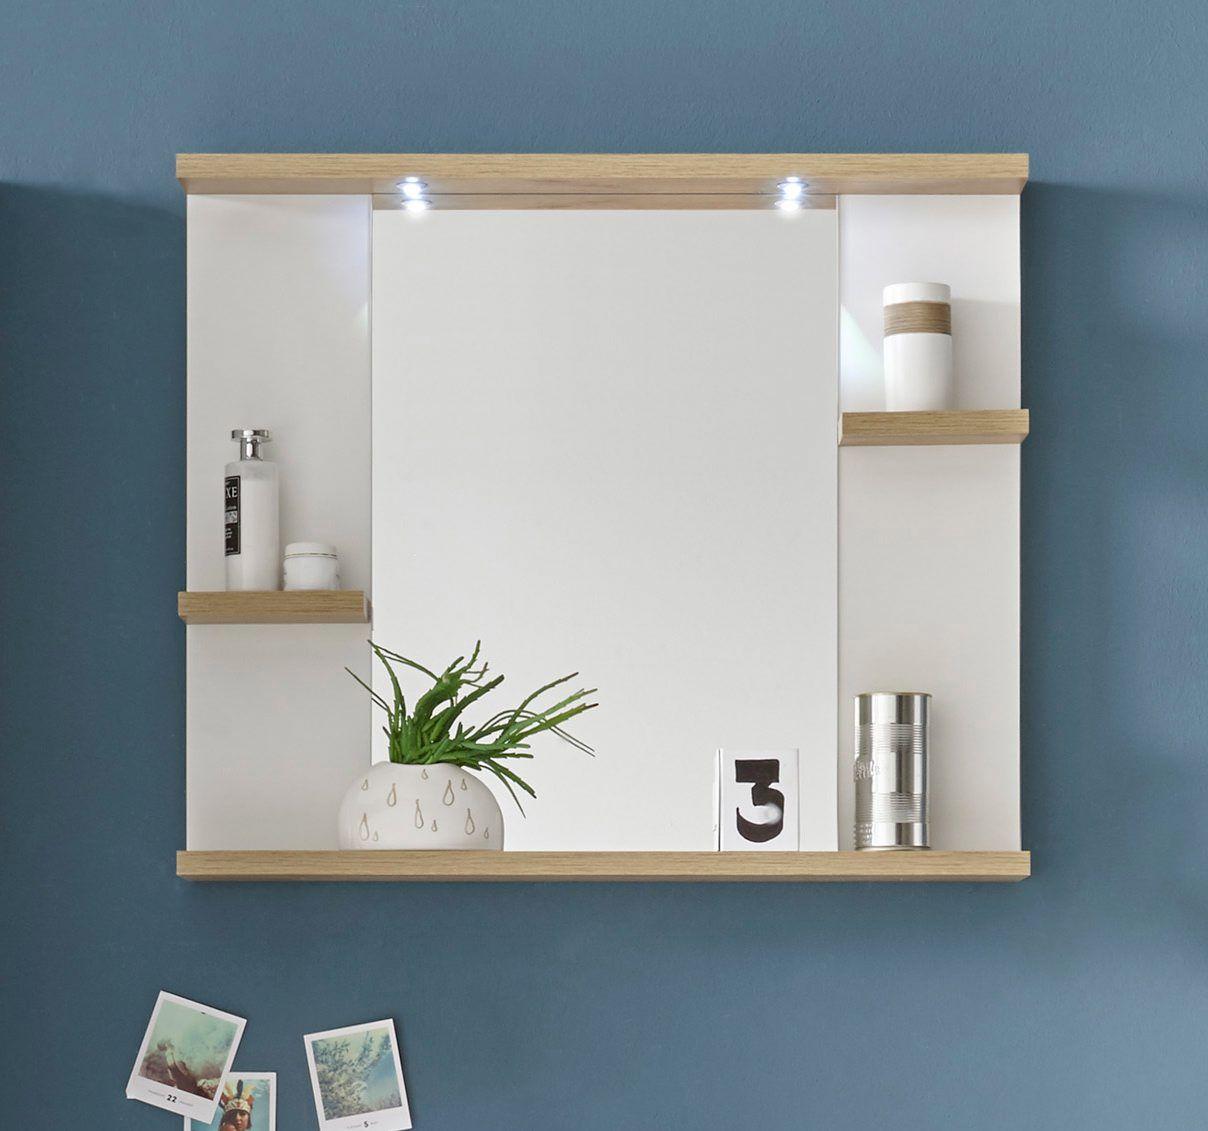 Element Indispensable Dans Votre Salle De Bain Le Miroir Avec 3 Tablettes Chene Palaos But Miroir Salle De Bain Idee Salle De Bain Tablette Salle De Bain